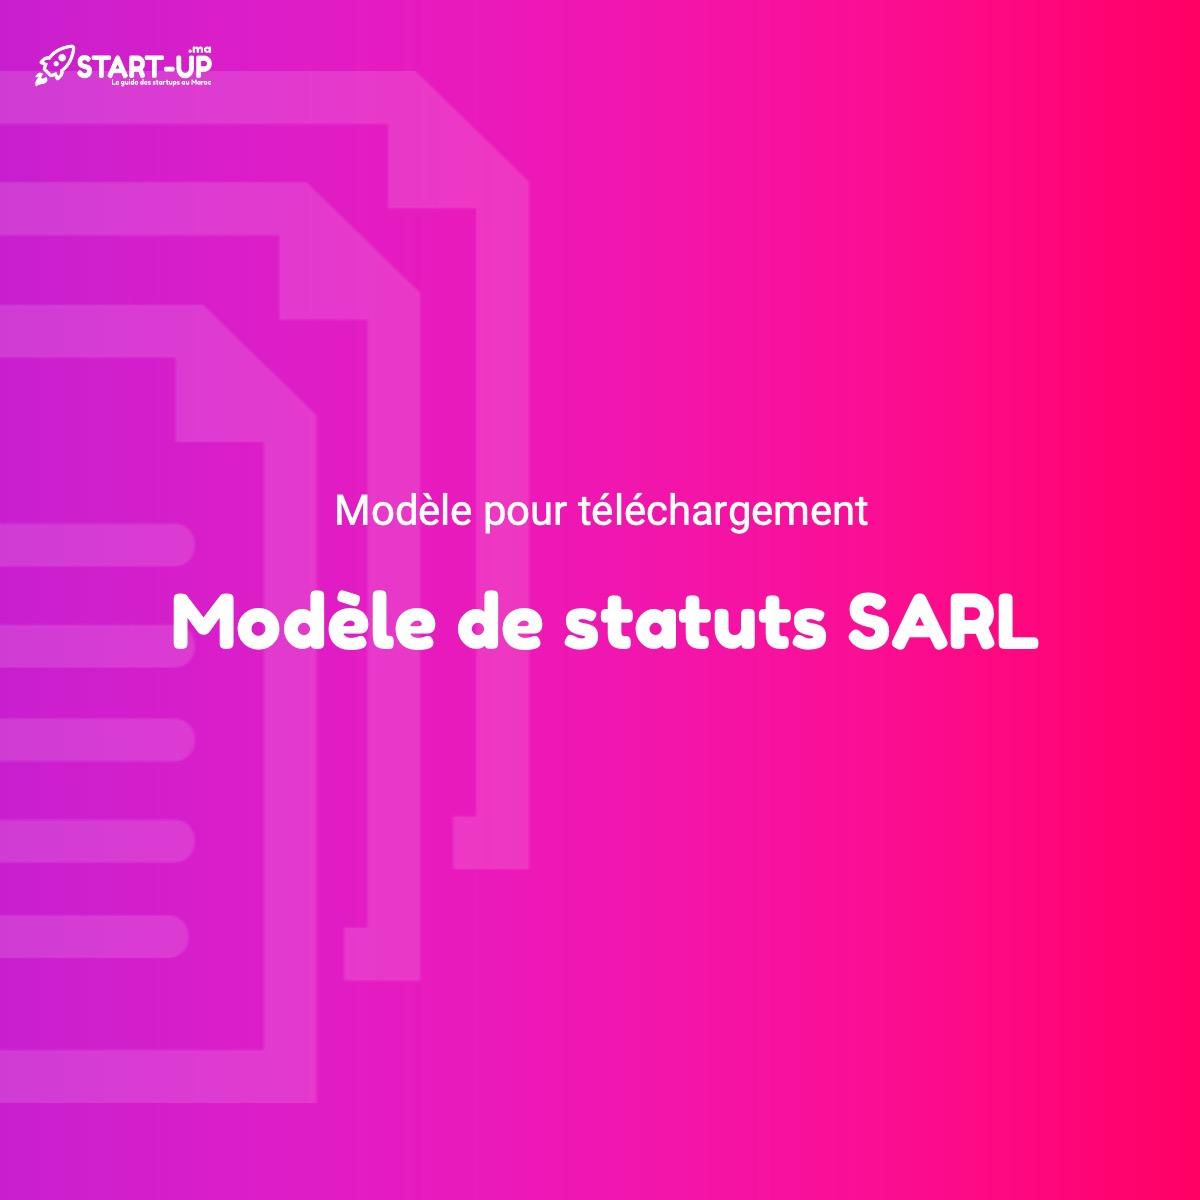 Modèle de statuts SARL